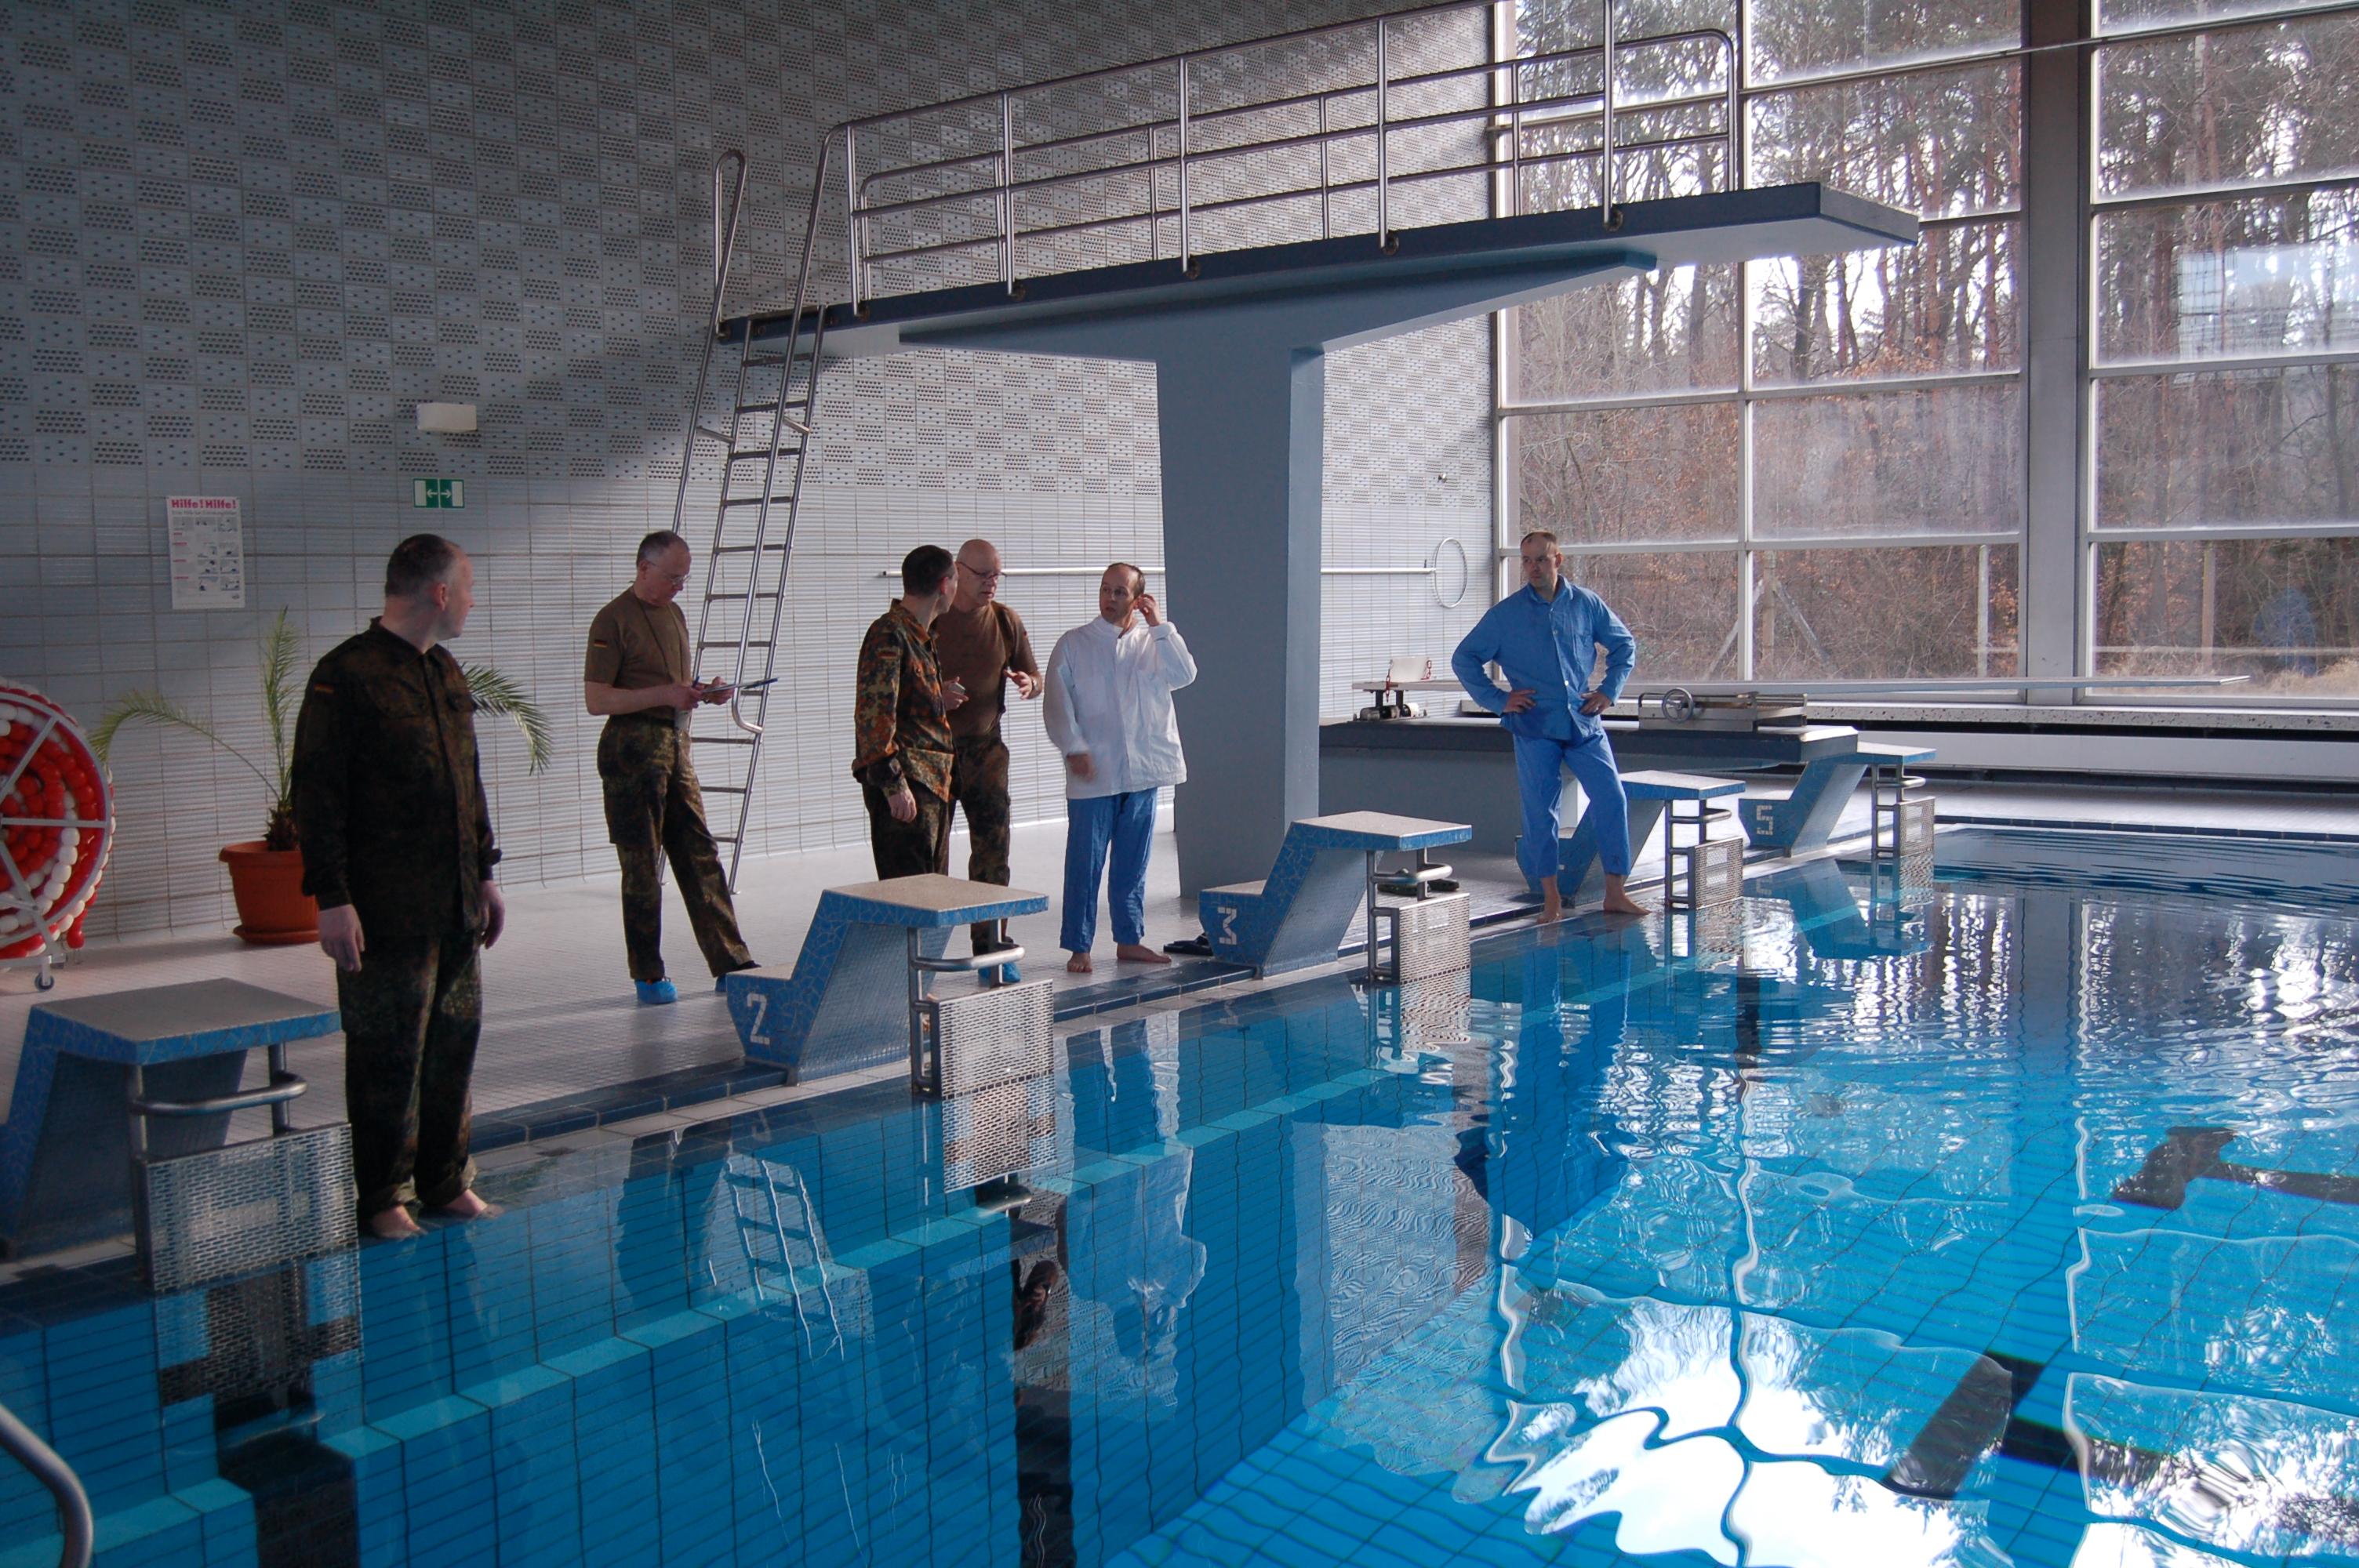 Zweites igf klf wochenende in stadtallendorf for Stadtallendorf schwimmbad